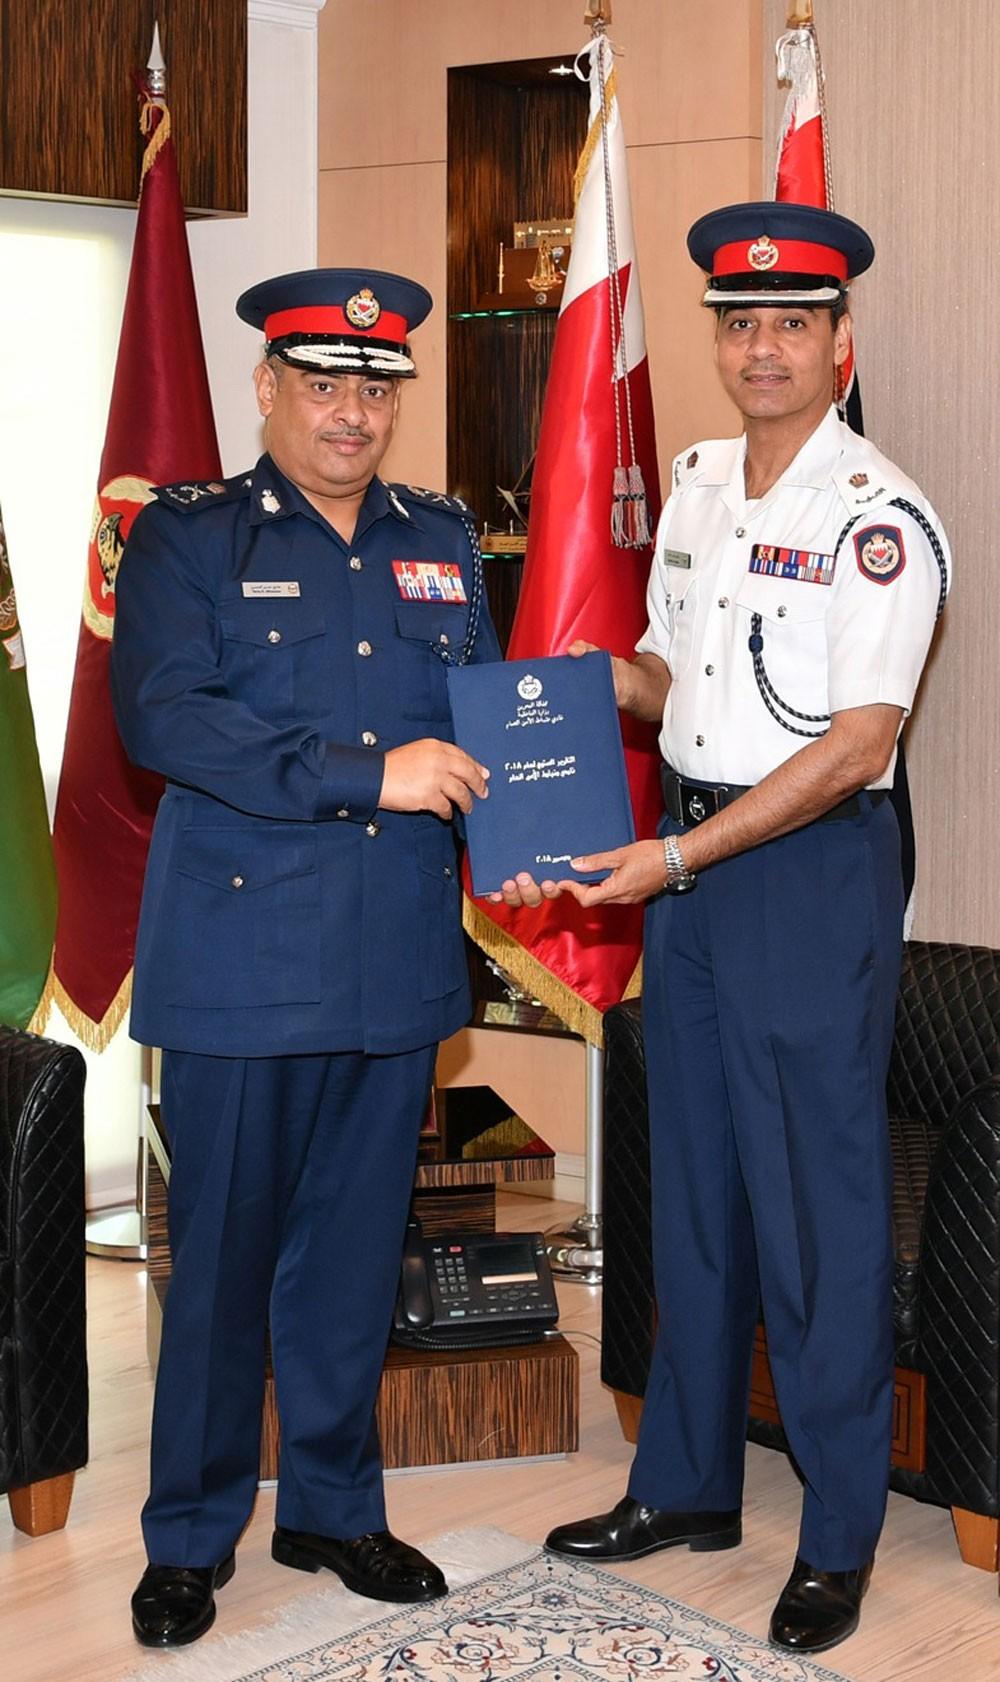 رئيس الأمن العام يشيد بجودة خدمات نادي الضباط